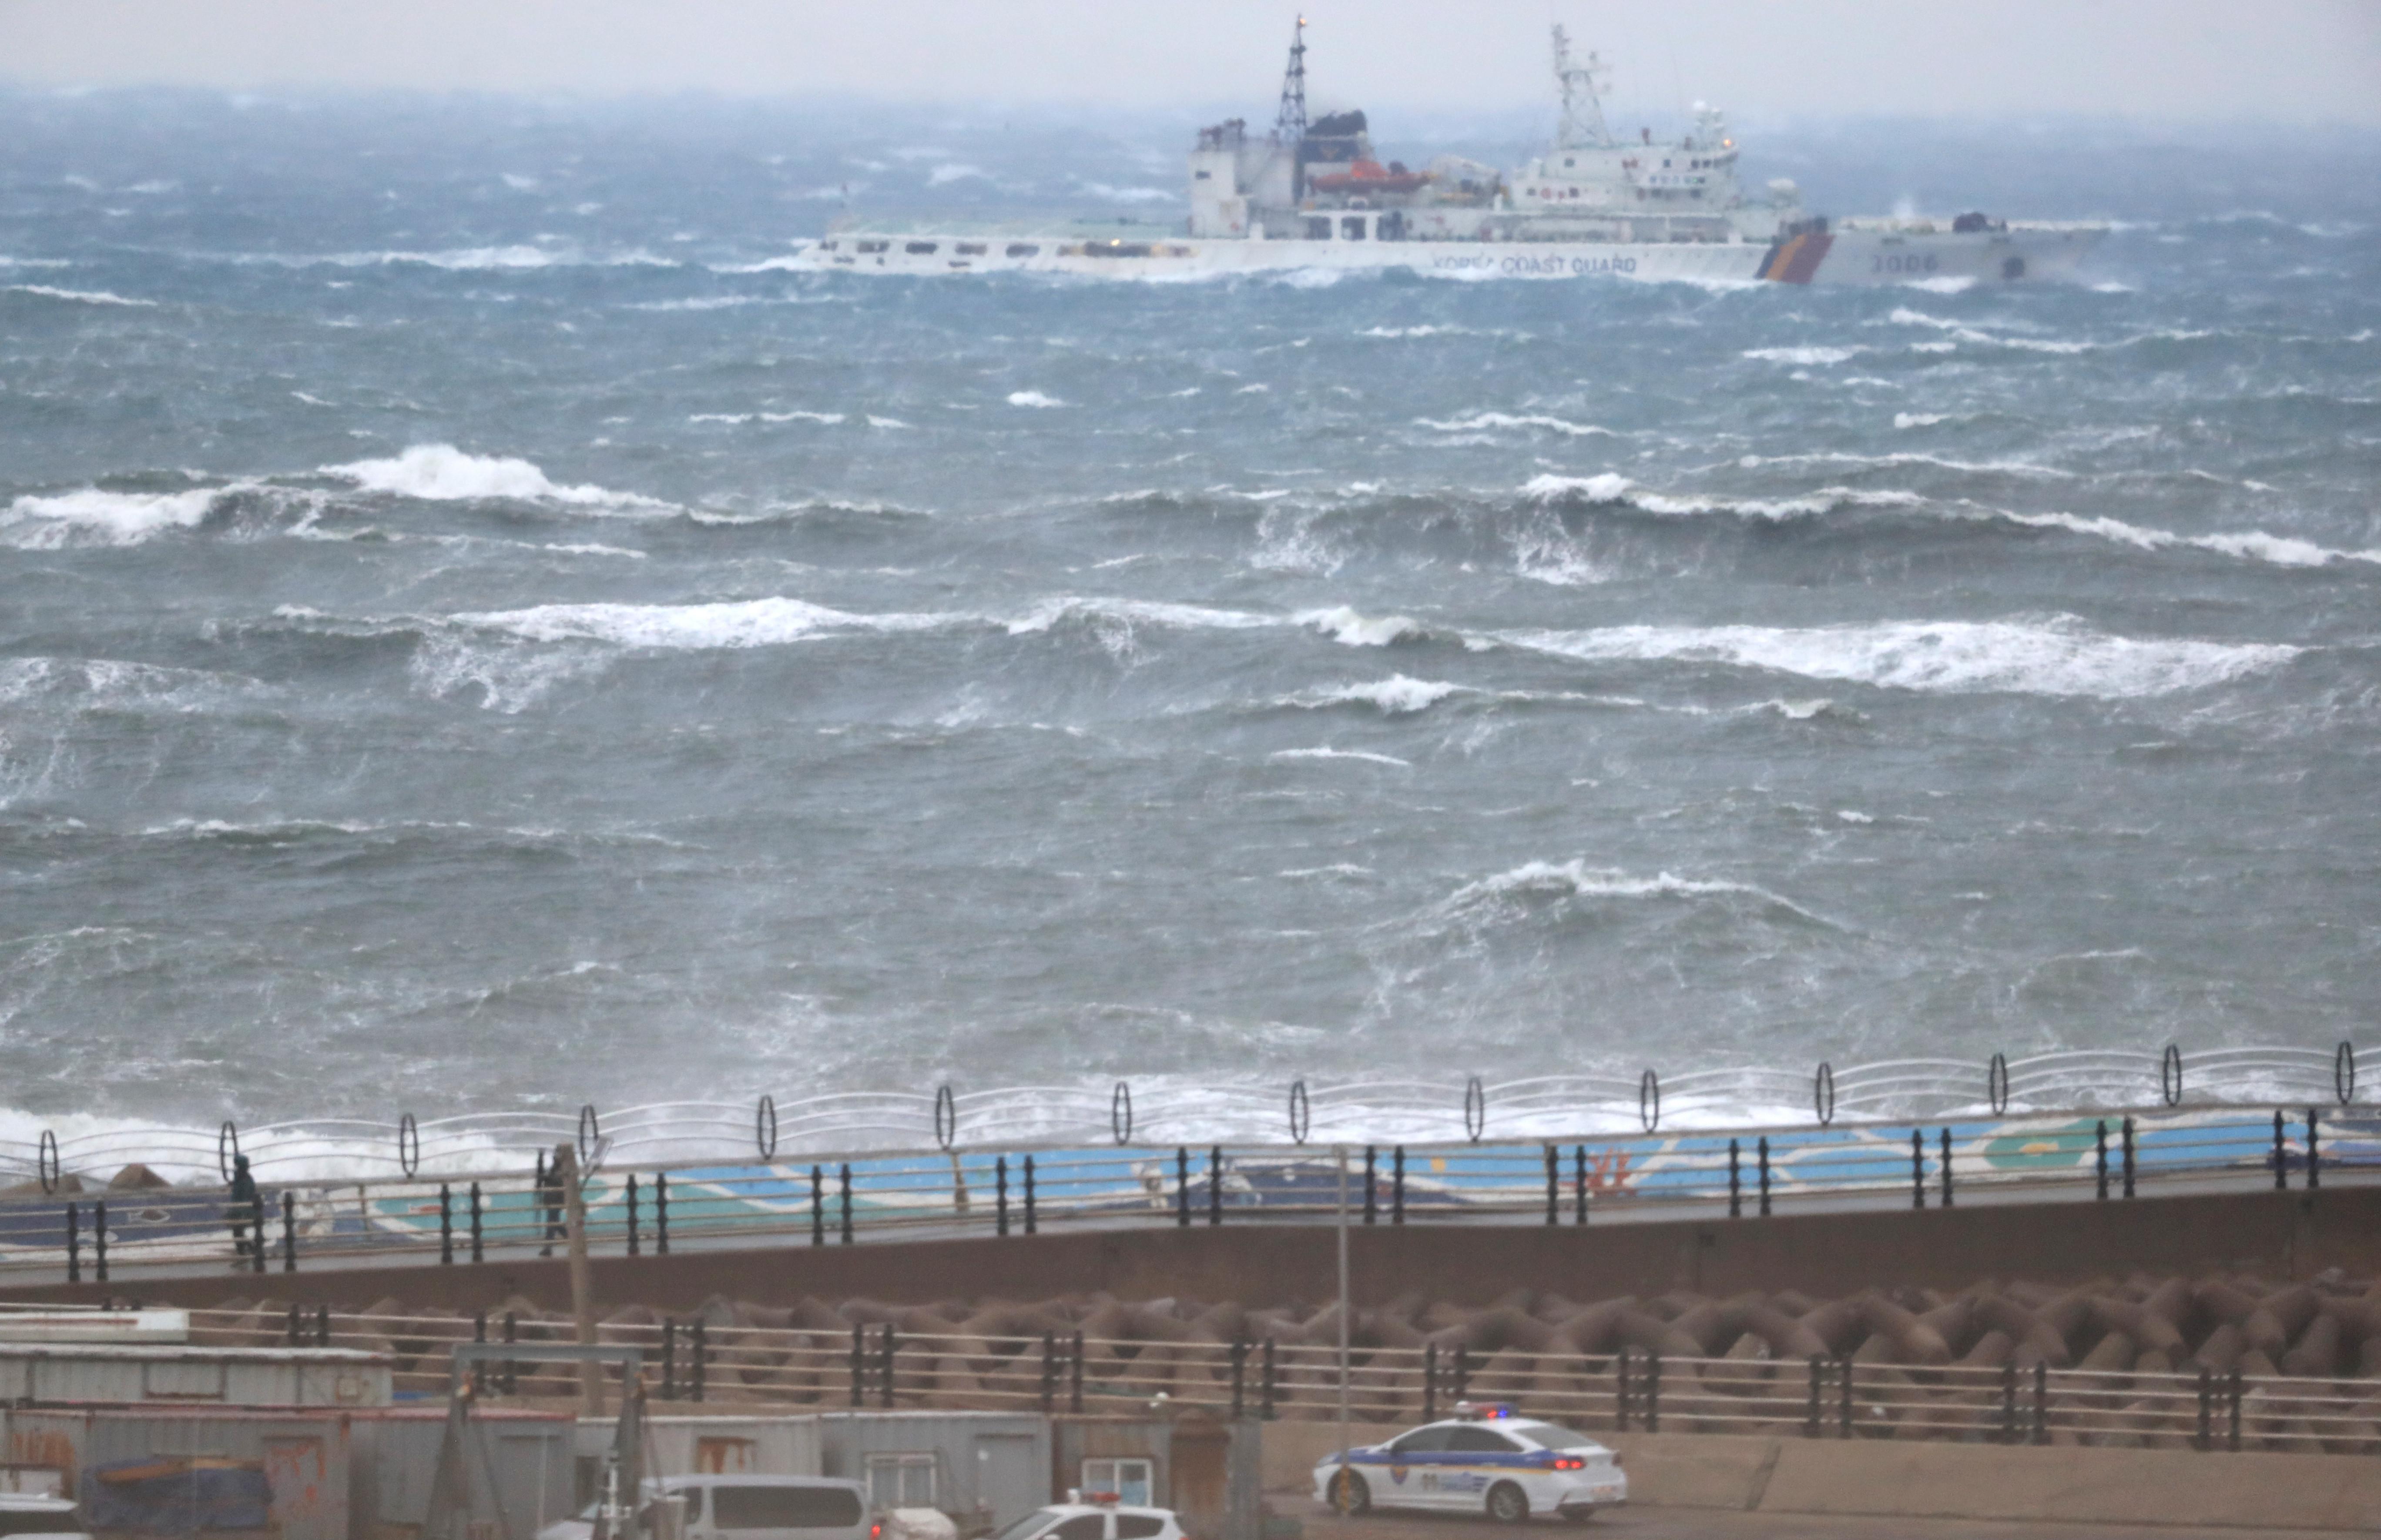 ▲▼濟州島一艘漁船翻覆撞防波堤後沈船,船上7名成員仍舊下落不明。(圖/達志影像)